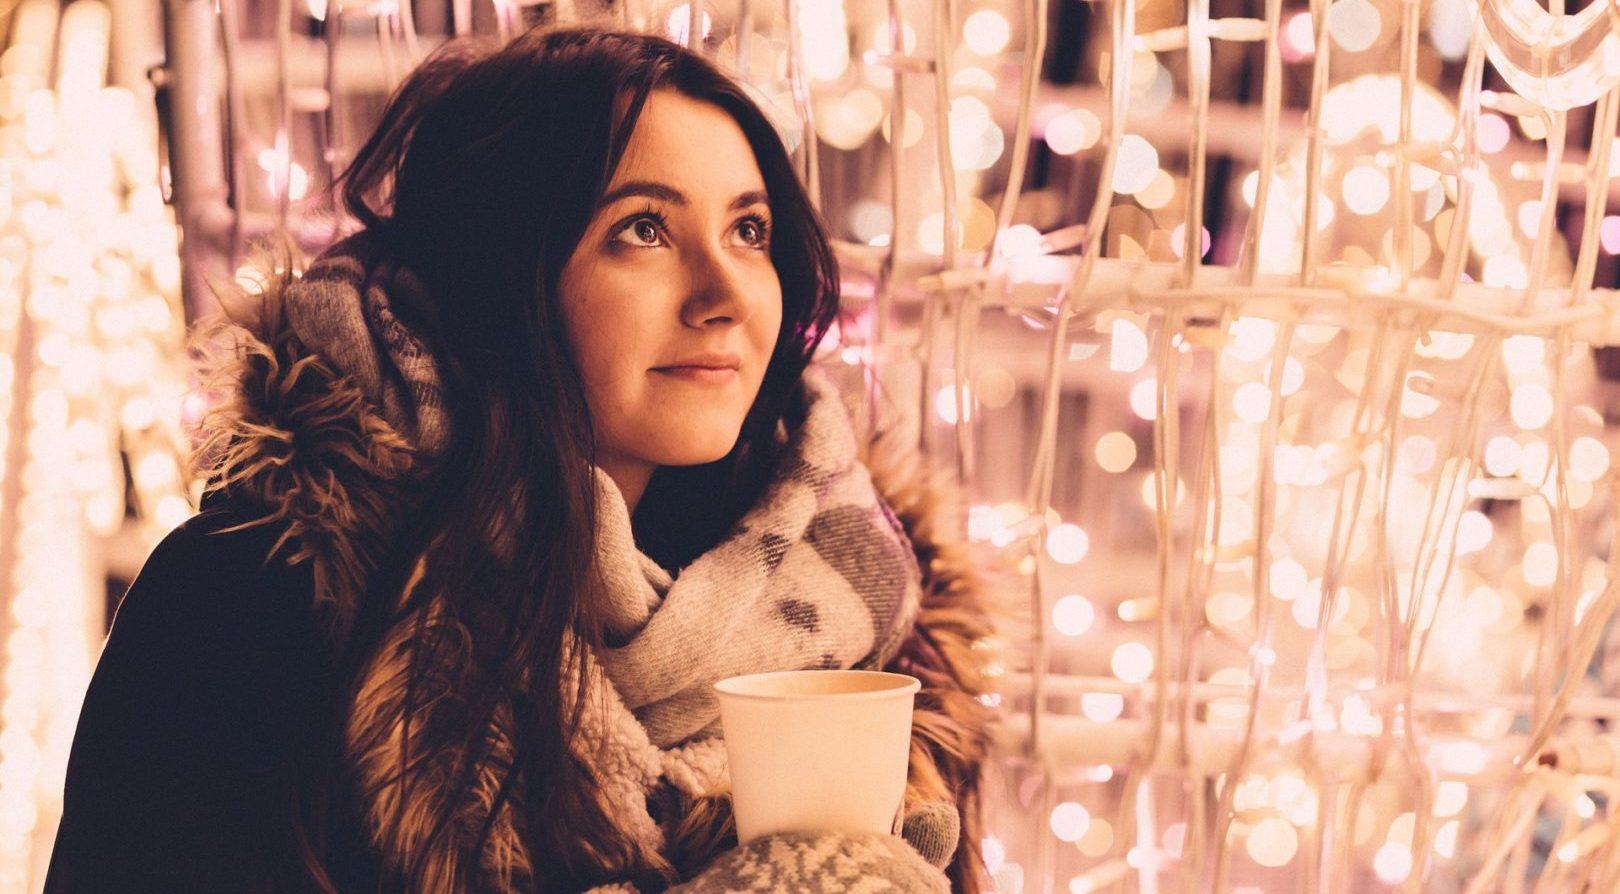 Frau trinkt weißen Glühwein auf dem Weihnachtsmarkt